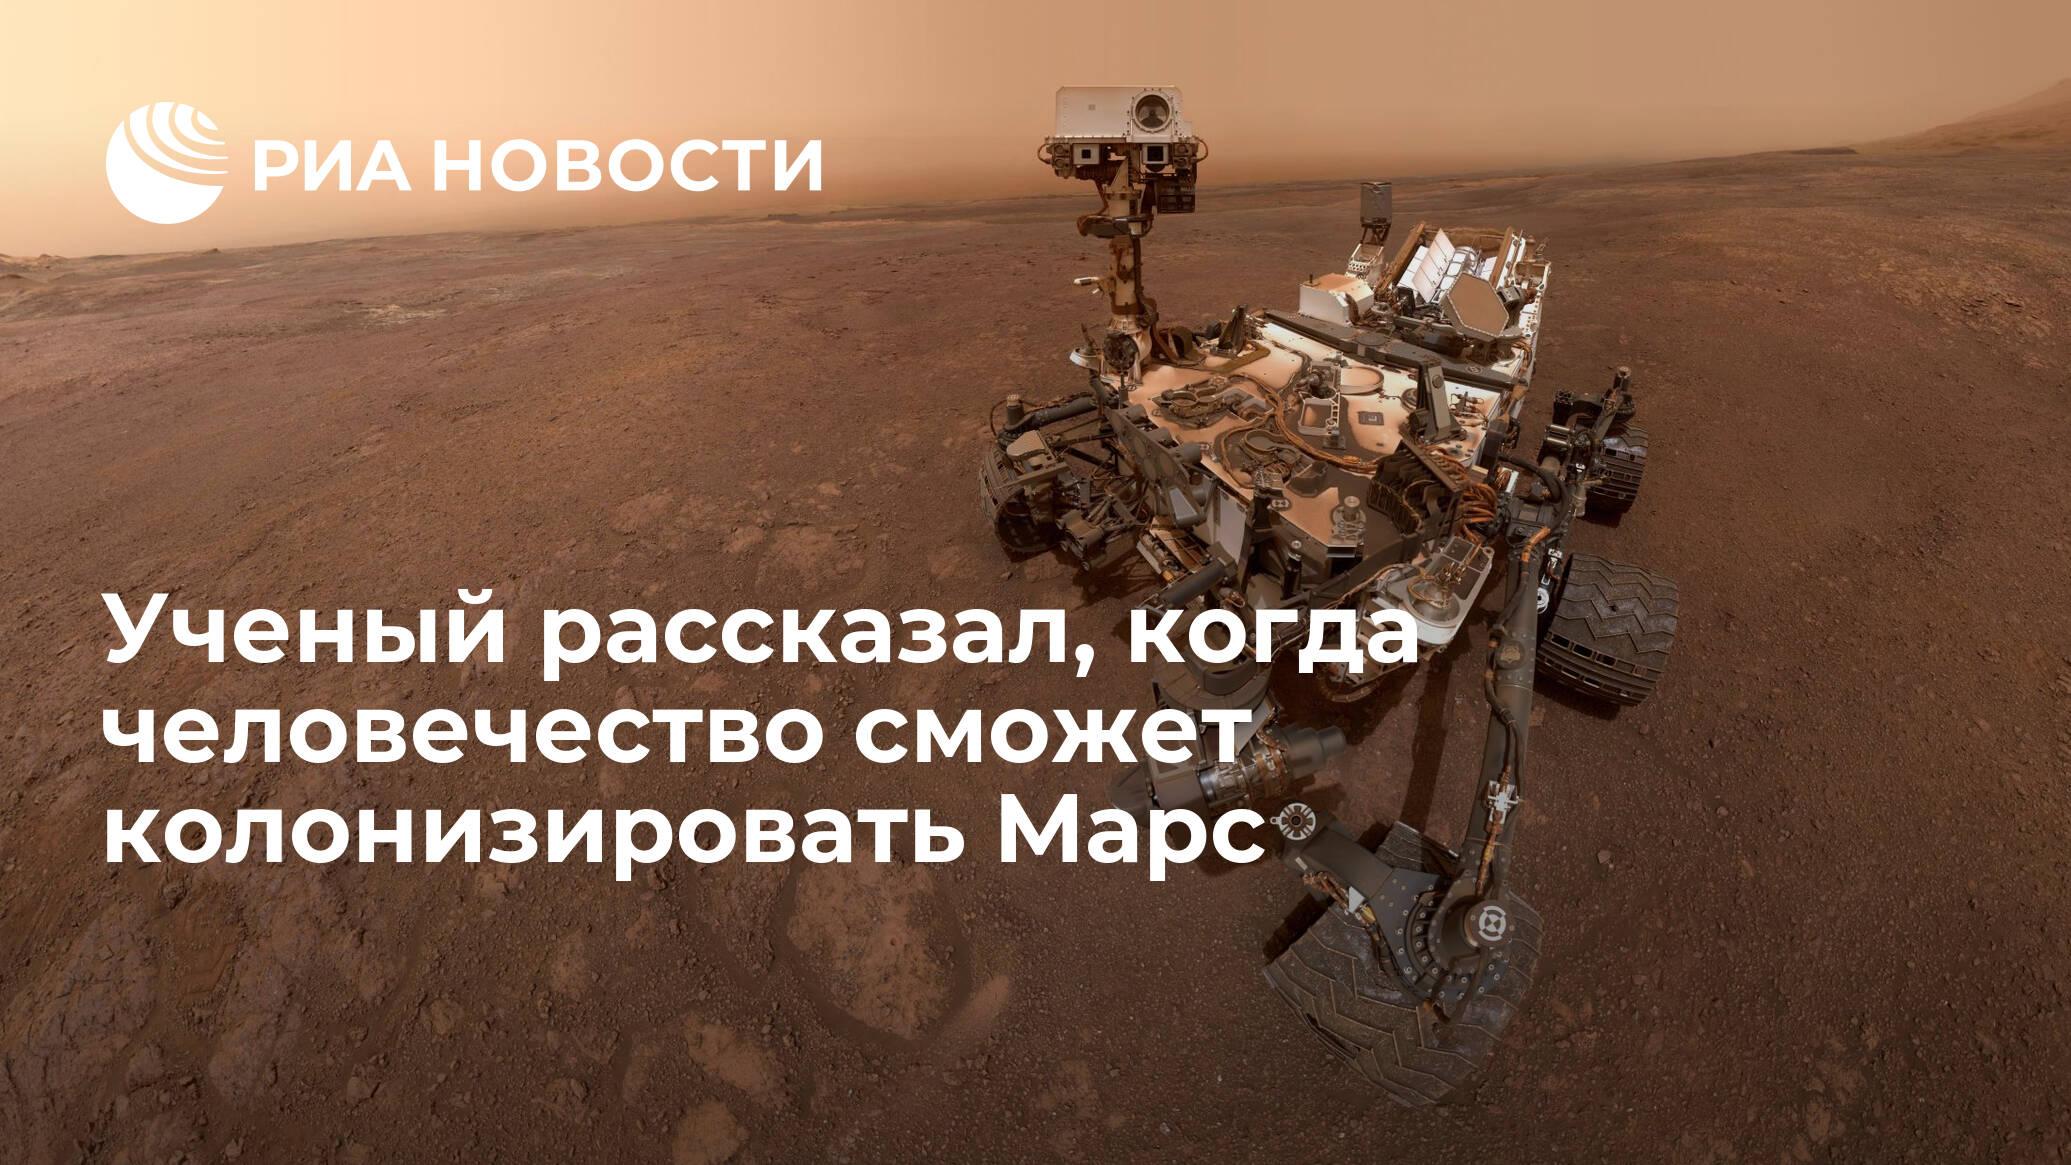 Ученый рассказал, когда человечество сможет колонизировать Марс thumbnail